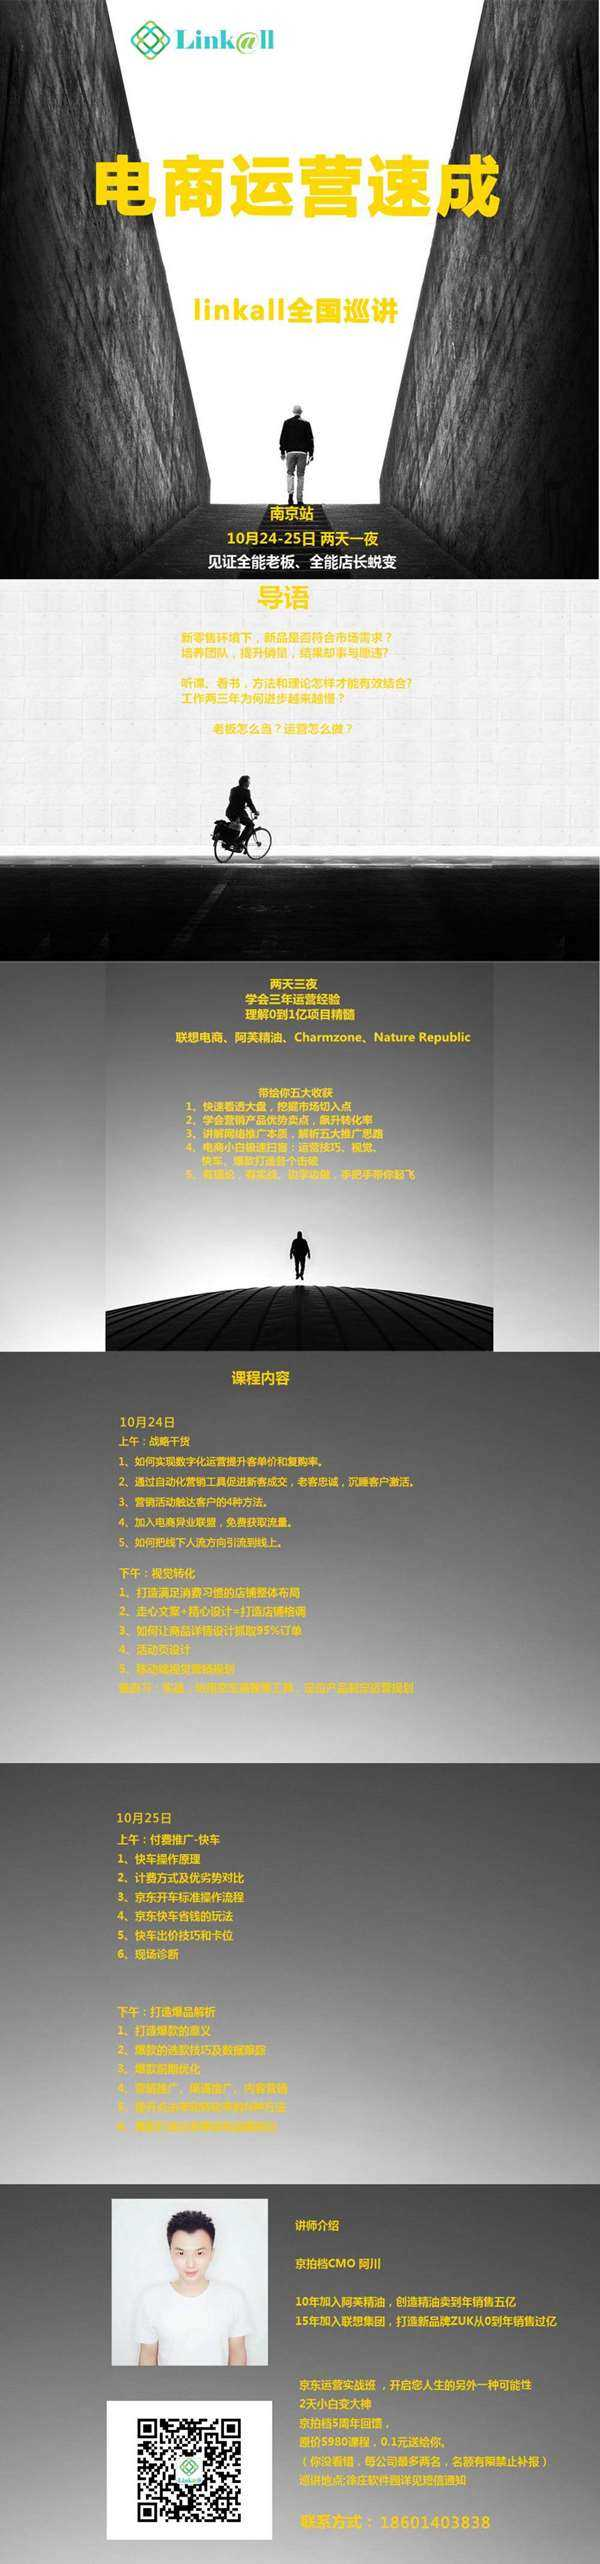 2425南京活动海报.jpg